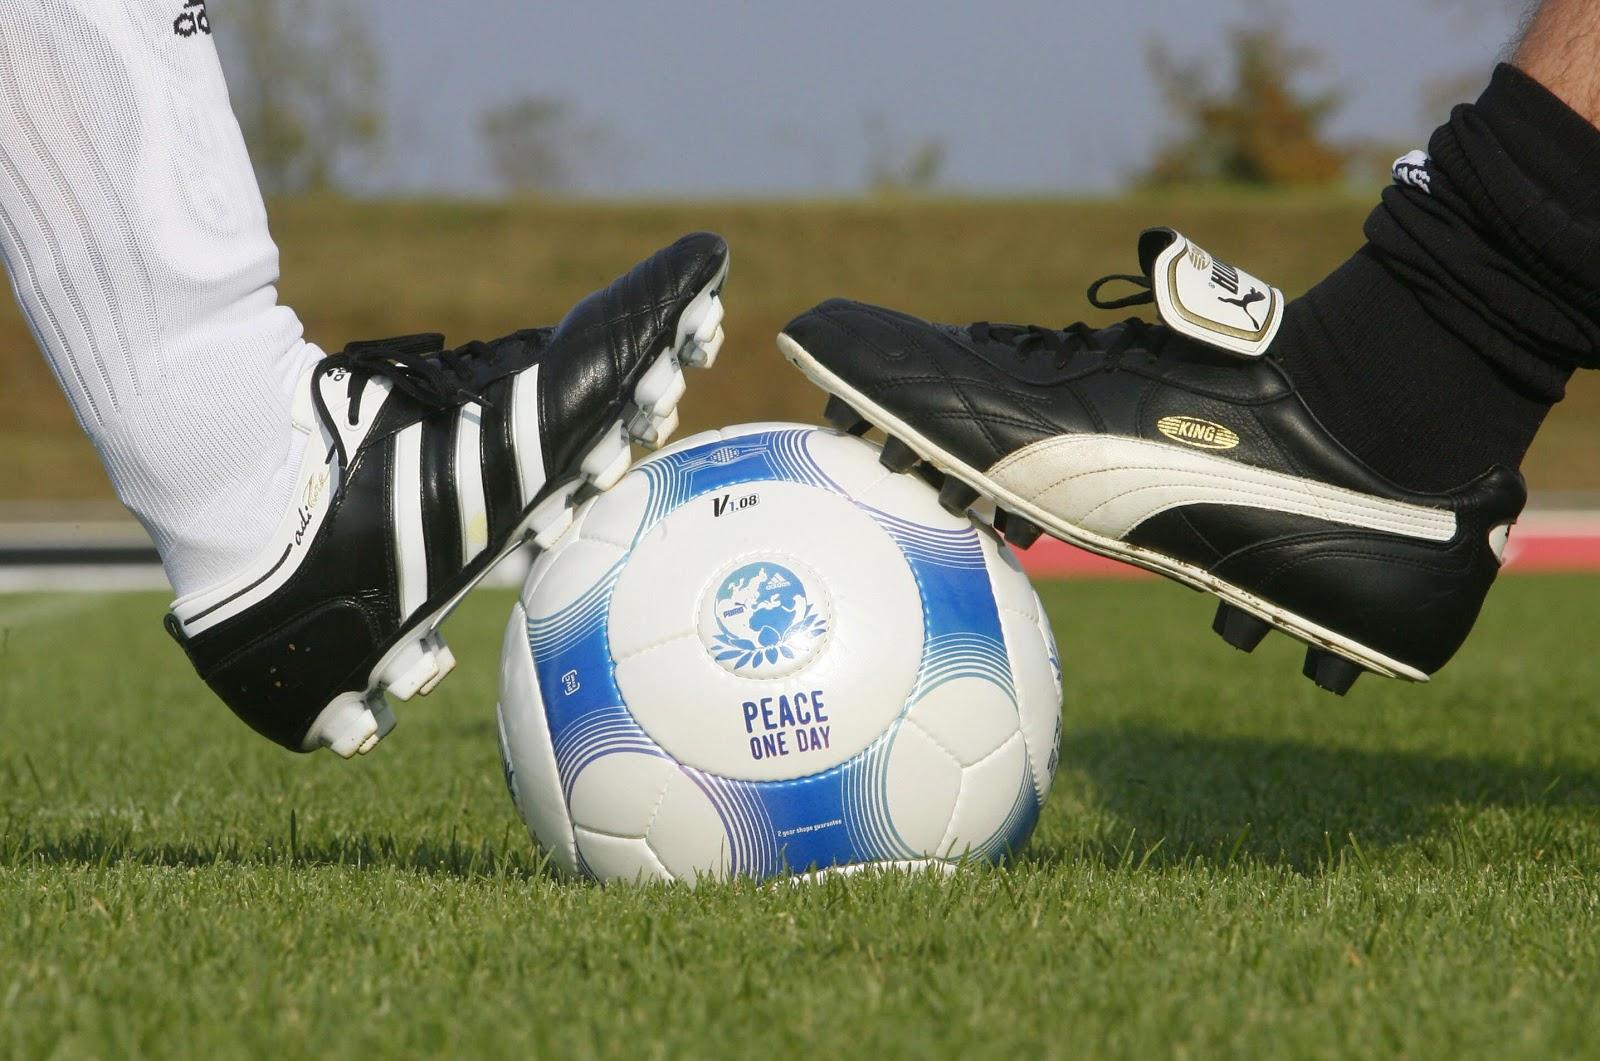 Adidas против Puma - два знаменитых бренда появились из-за конфликта братьев